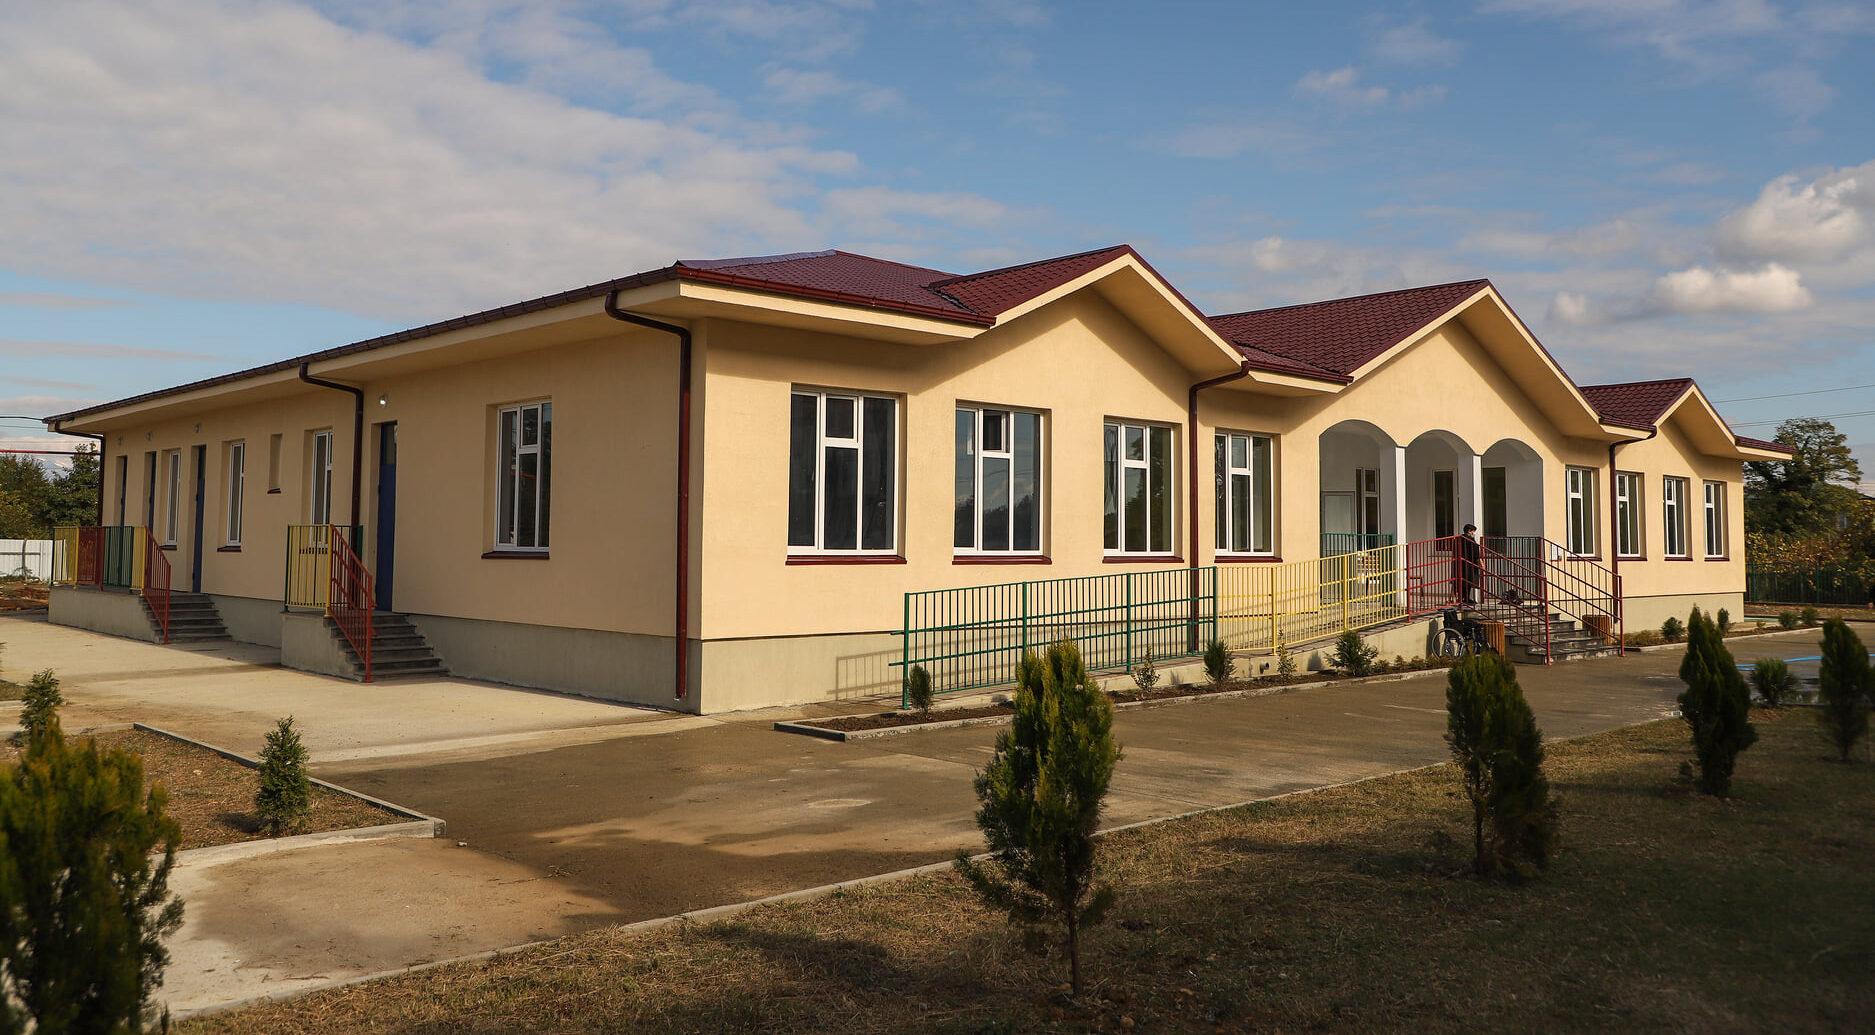 გერმანიის მხარდაჭერით ზუგდიდში 100 ბავშვზე გათვლილი საბავშვო ბაღი აშენდა